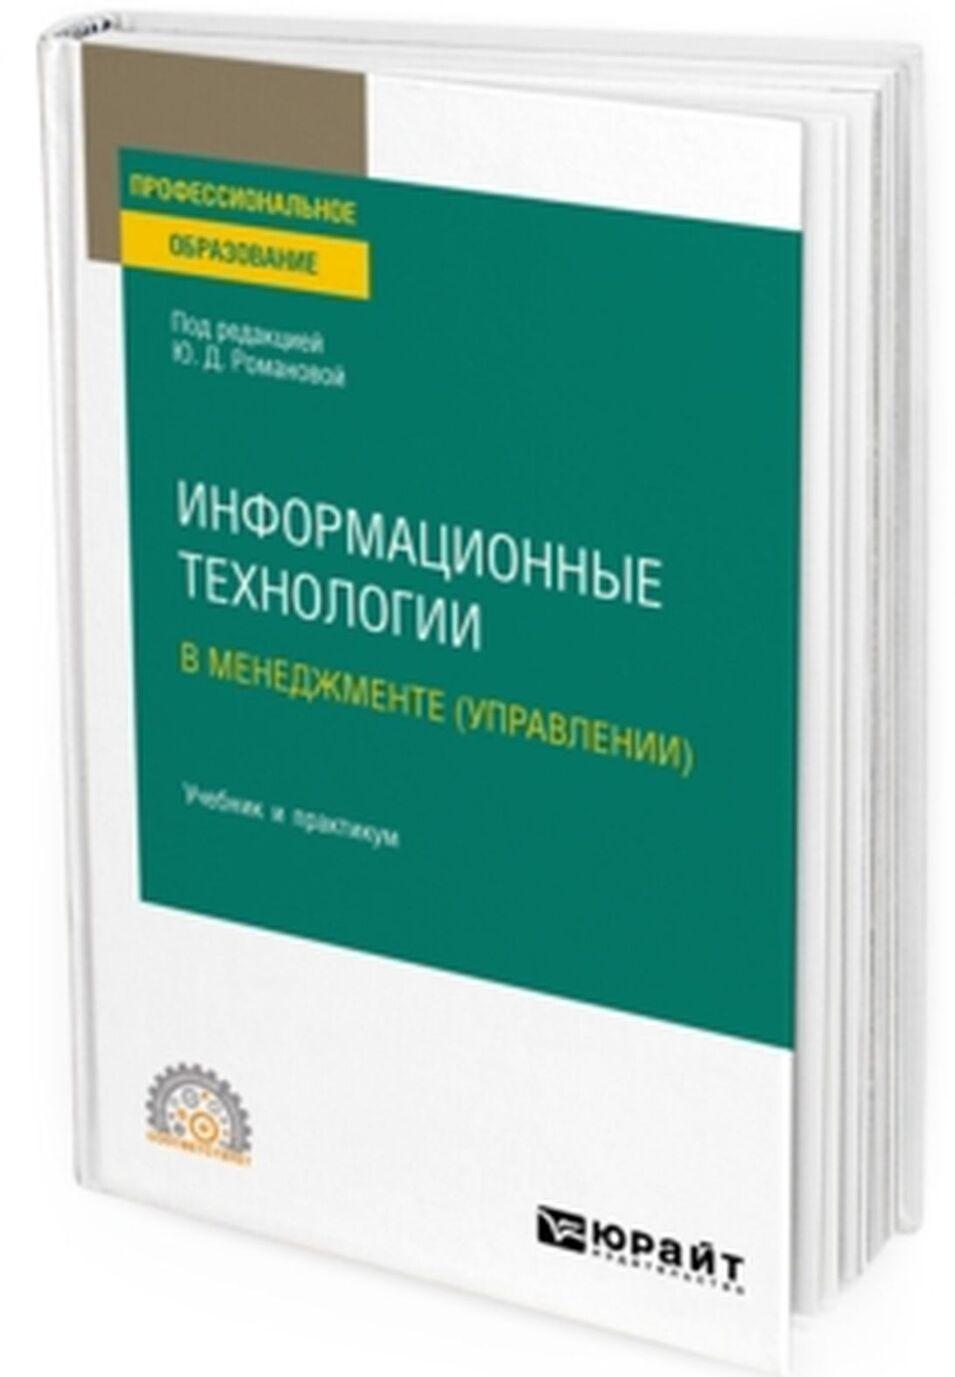 Informatsionnye tekhnologii v menedzhmente (upravlenii). Uchebnik i praktikum dlja SPO